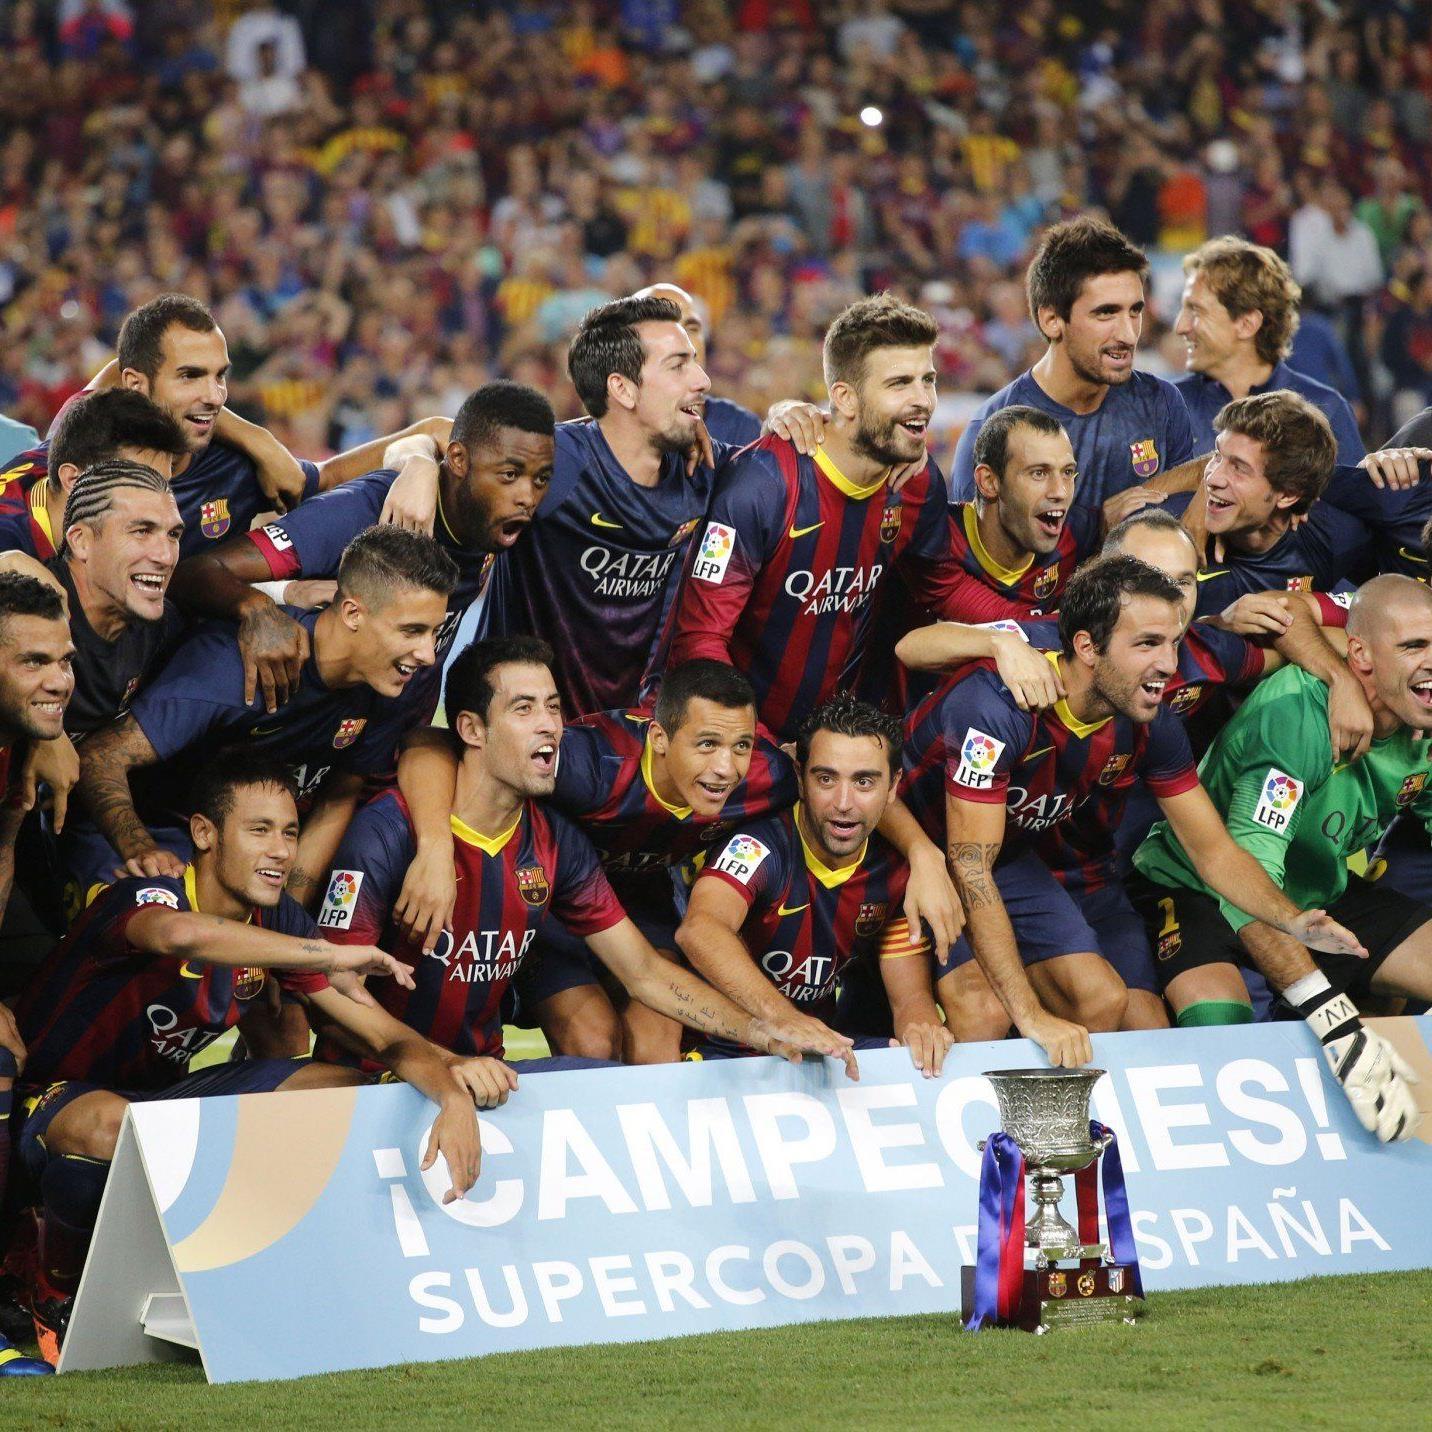 Der FC Barcelona konnte sich am Mittwoch zum elften Mal den spanischen Supercup sichern.